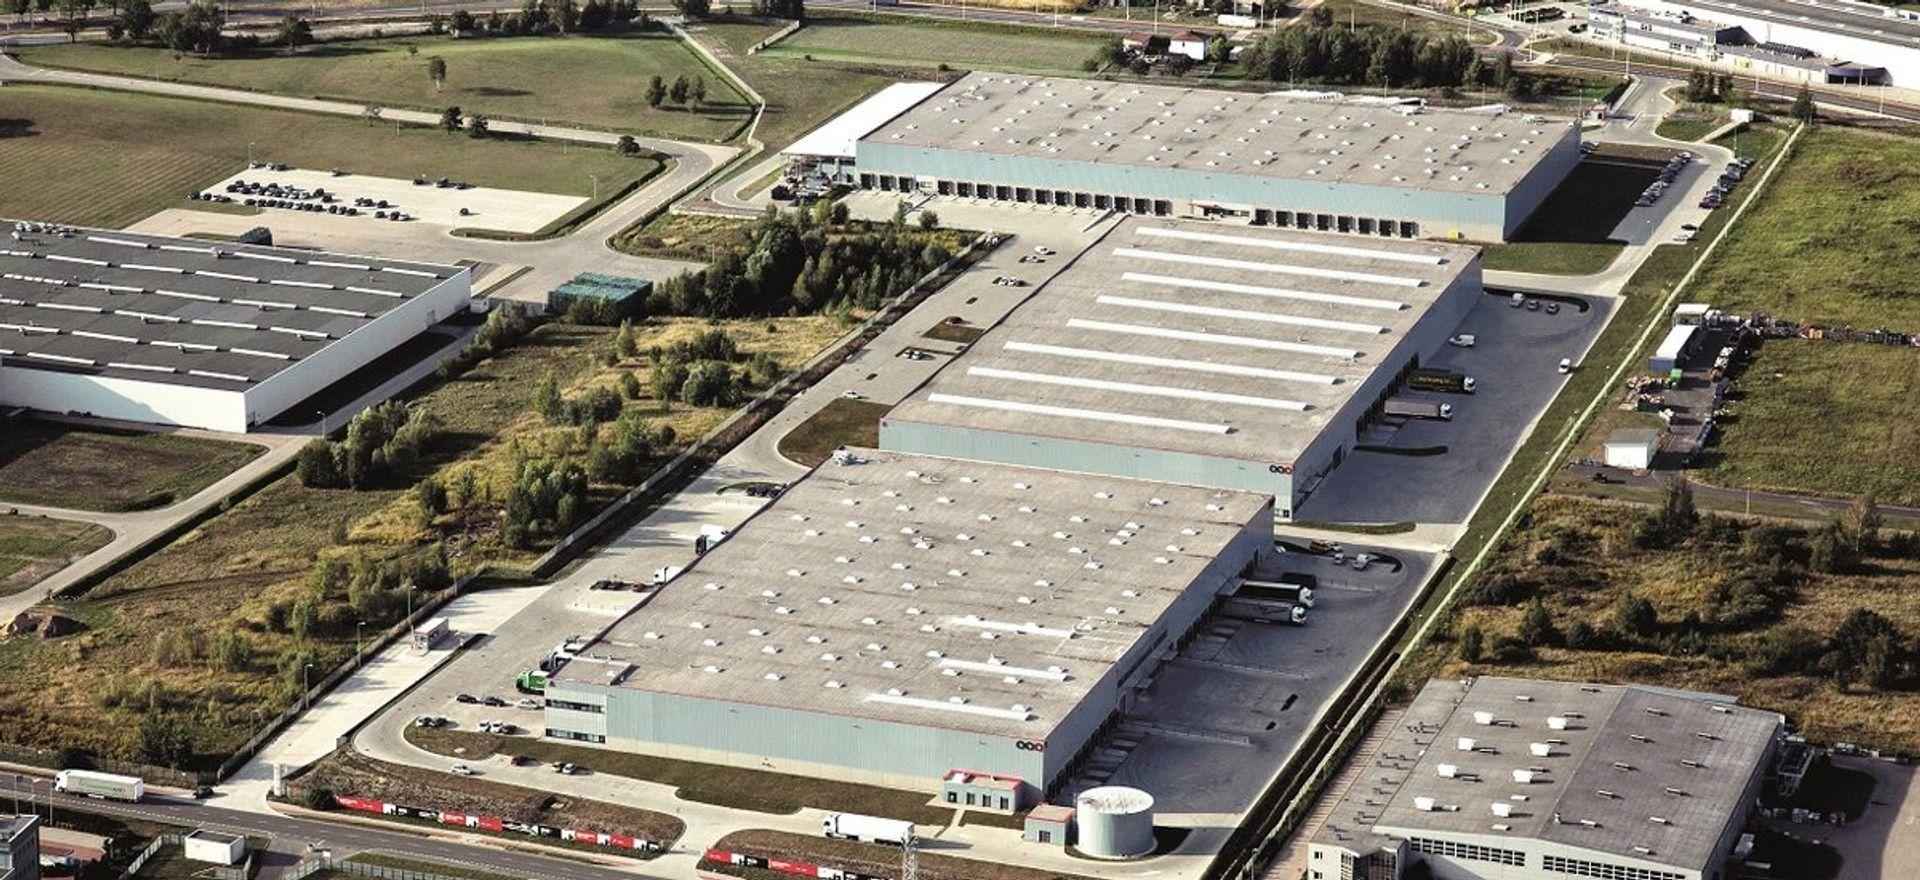 [śląskie] Francuska firma najemcą w SEGRO Industrial Park Tychy 1